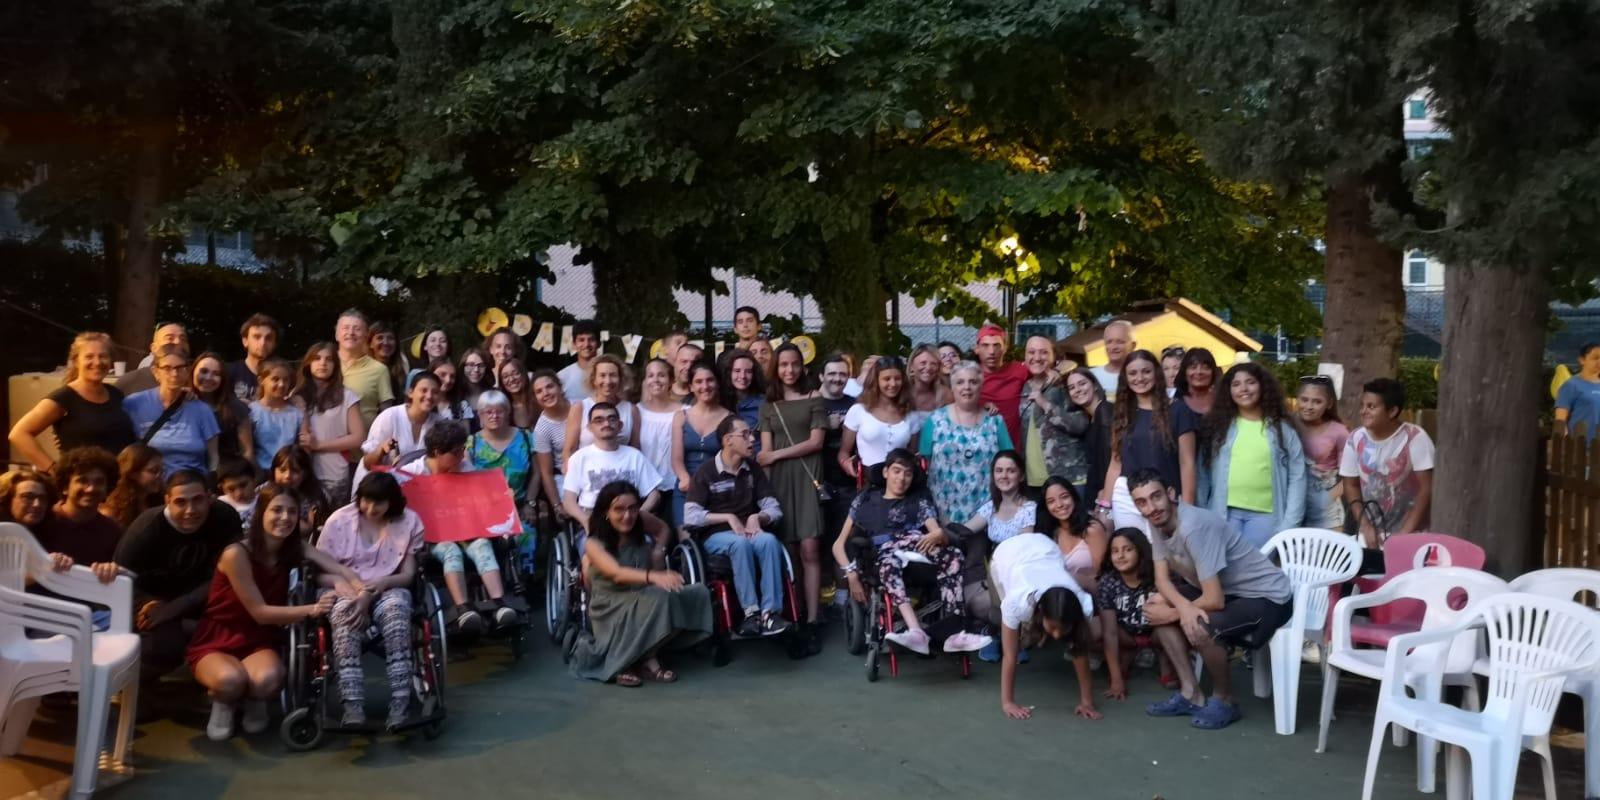 Festa di inizio estate al Centro Acquarone con i partecipanti al laboratorio di ballo dell'Area della Disabilità